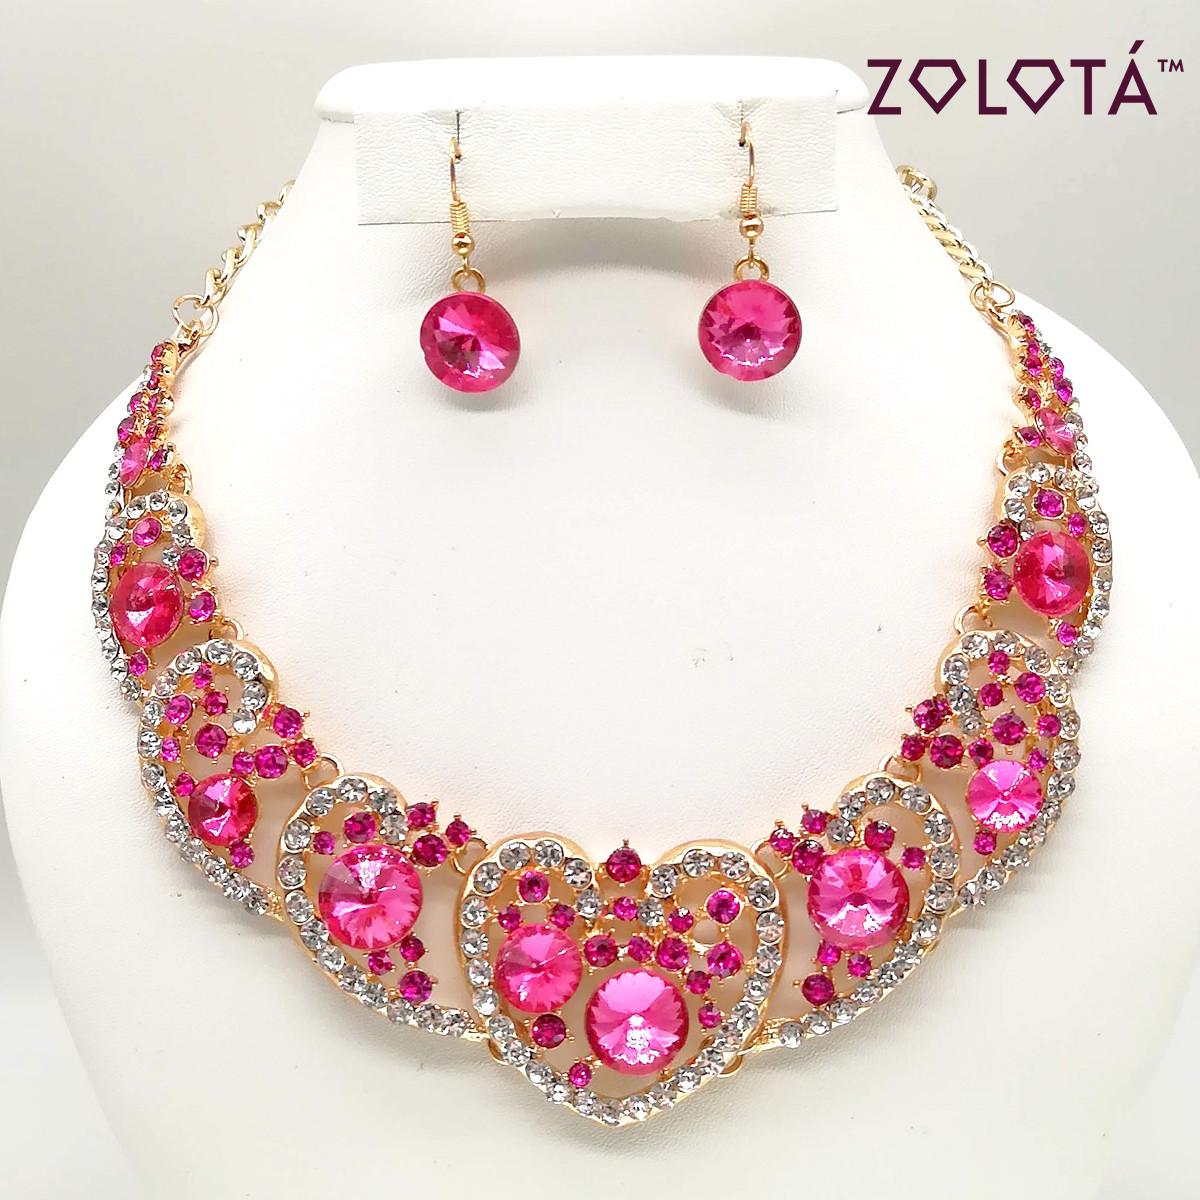 Комплект (Колье + серьги) с розовыми и белыми камнями, в позолоте, КЛ00084 (1)